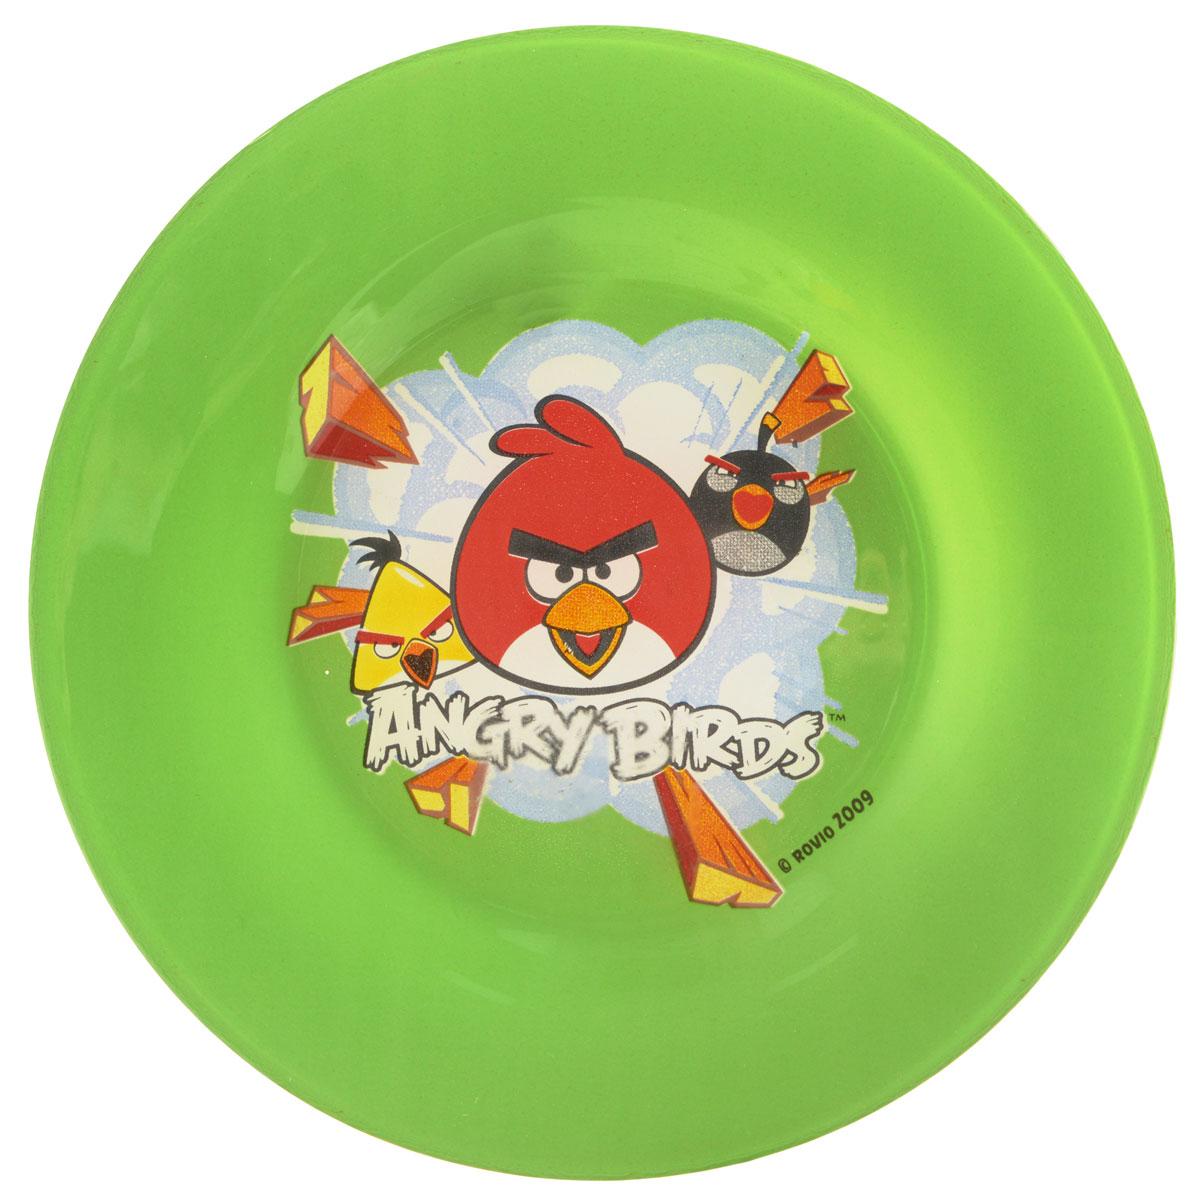 Angry Birds Тарелка детская цвет зеленый диаметр 19,5 см1066269Яркая тарелка Angry Birds идеально подойдет для кормления малыша и самостоятельного приема им пищи. Тарелка выполнена из закаленного стекла и оформлена высококачественным изображением героев игры Angry Birds. Такой подарок станет не только приятным, но и практичным сувениром, добавит ярких эмоций вашему ребенку! Можно использовать в посудомоечной машине.